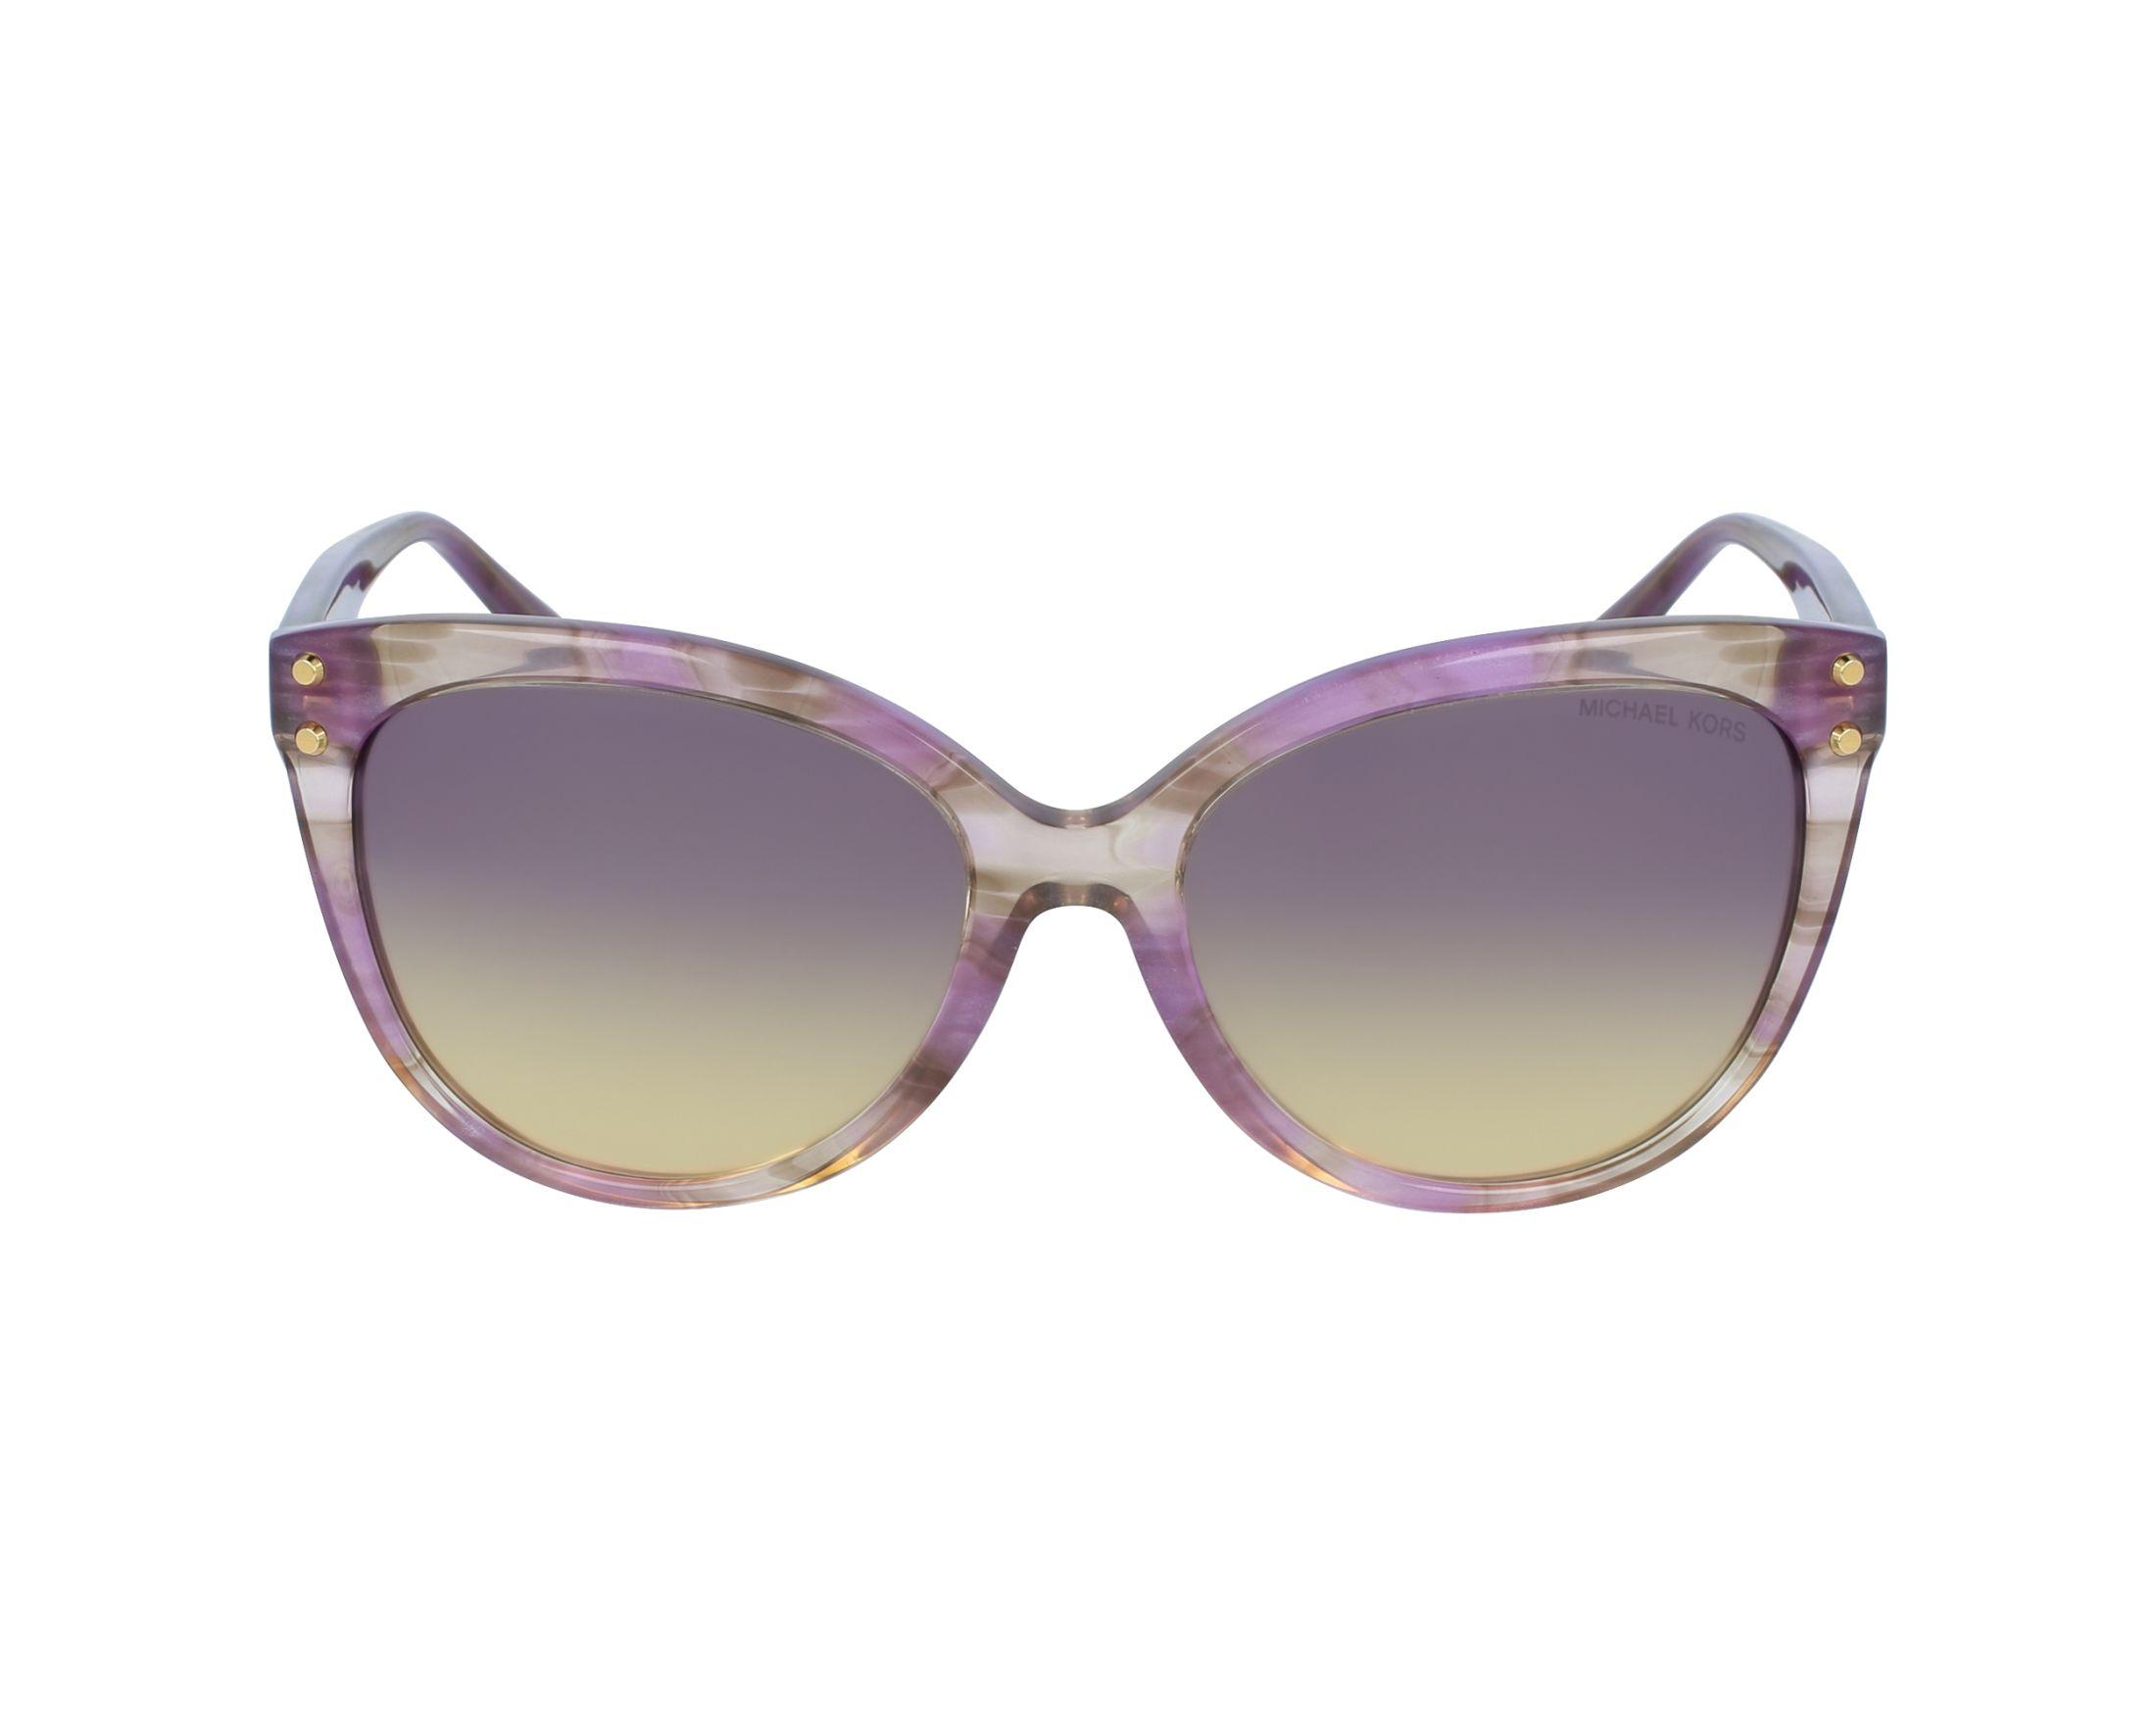 a06878f6ab2433 Lunettes de soleil Michael Kors MK-2045 323370 55-16 Violet vue de profil